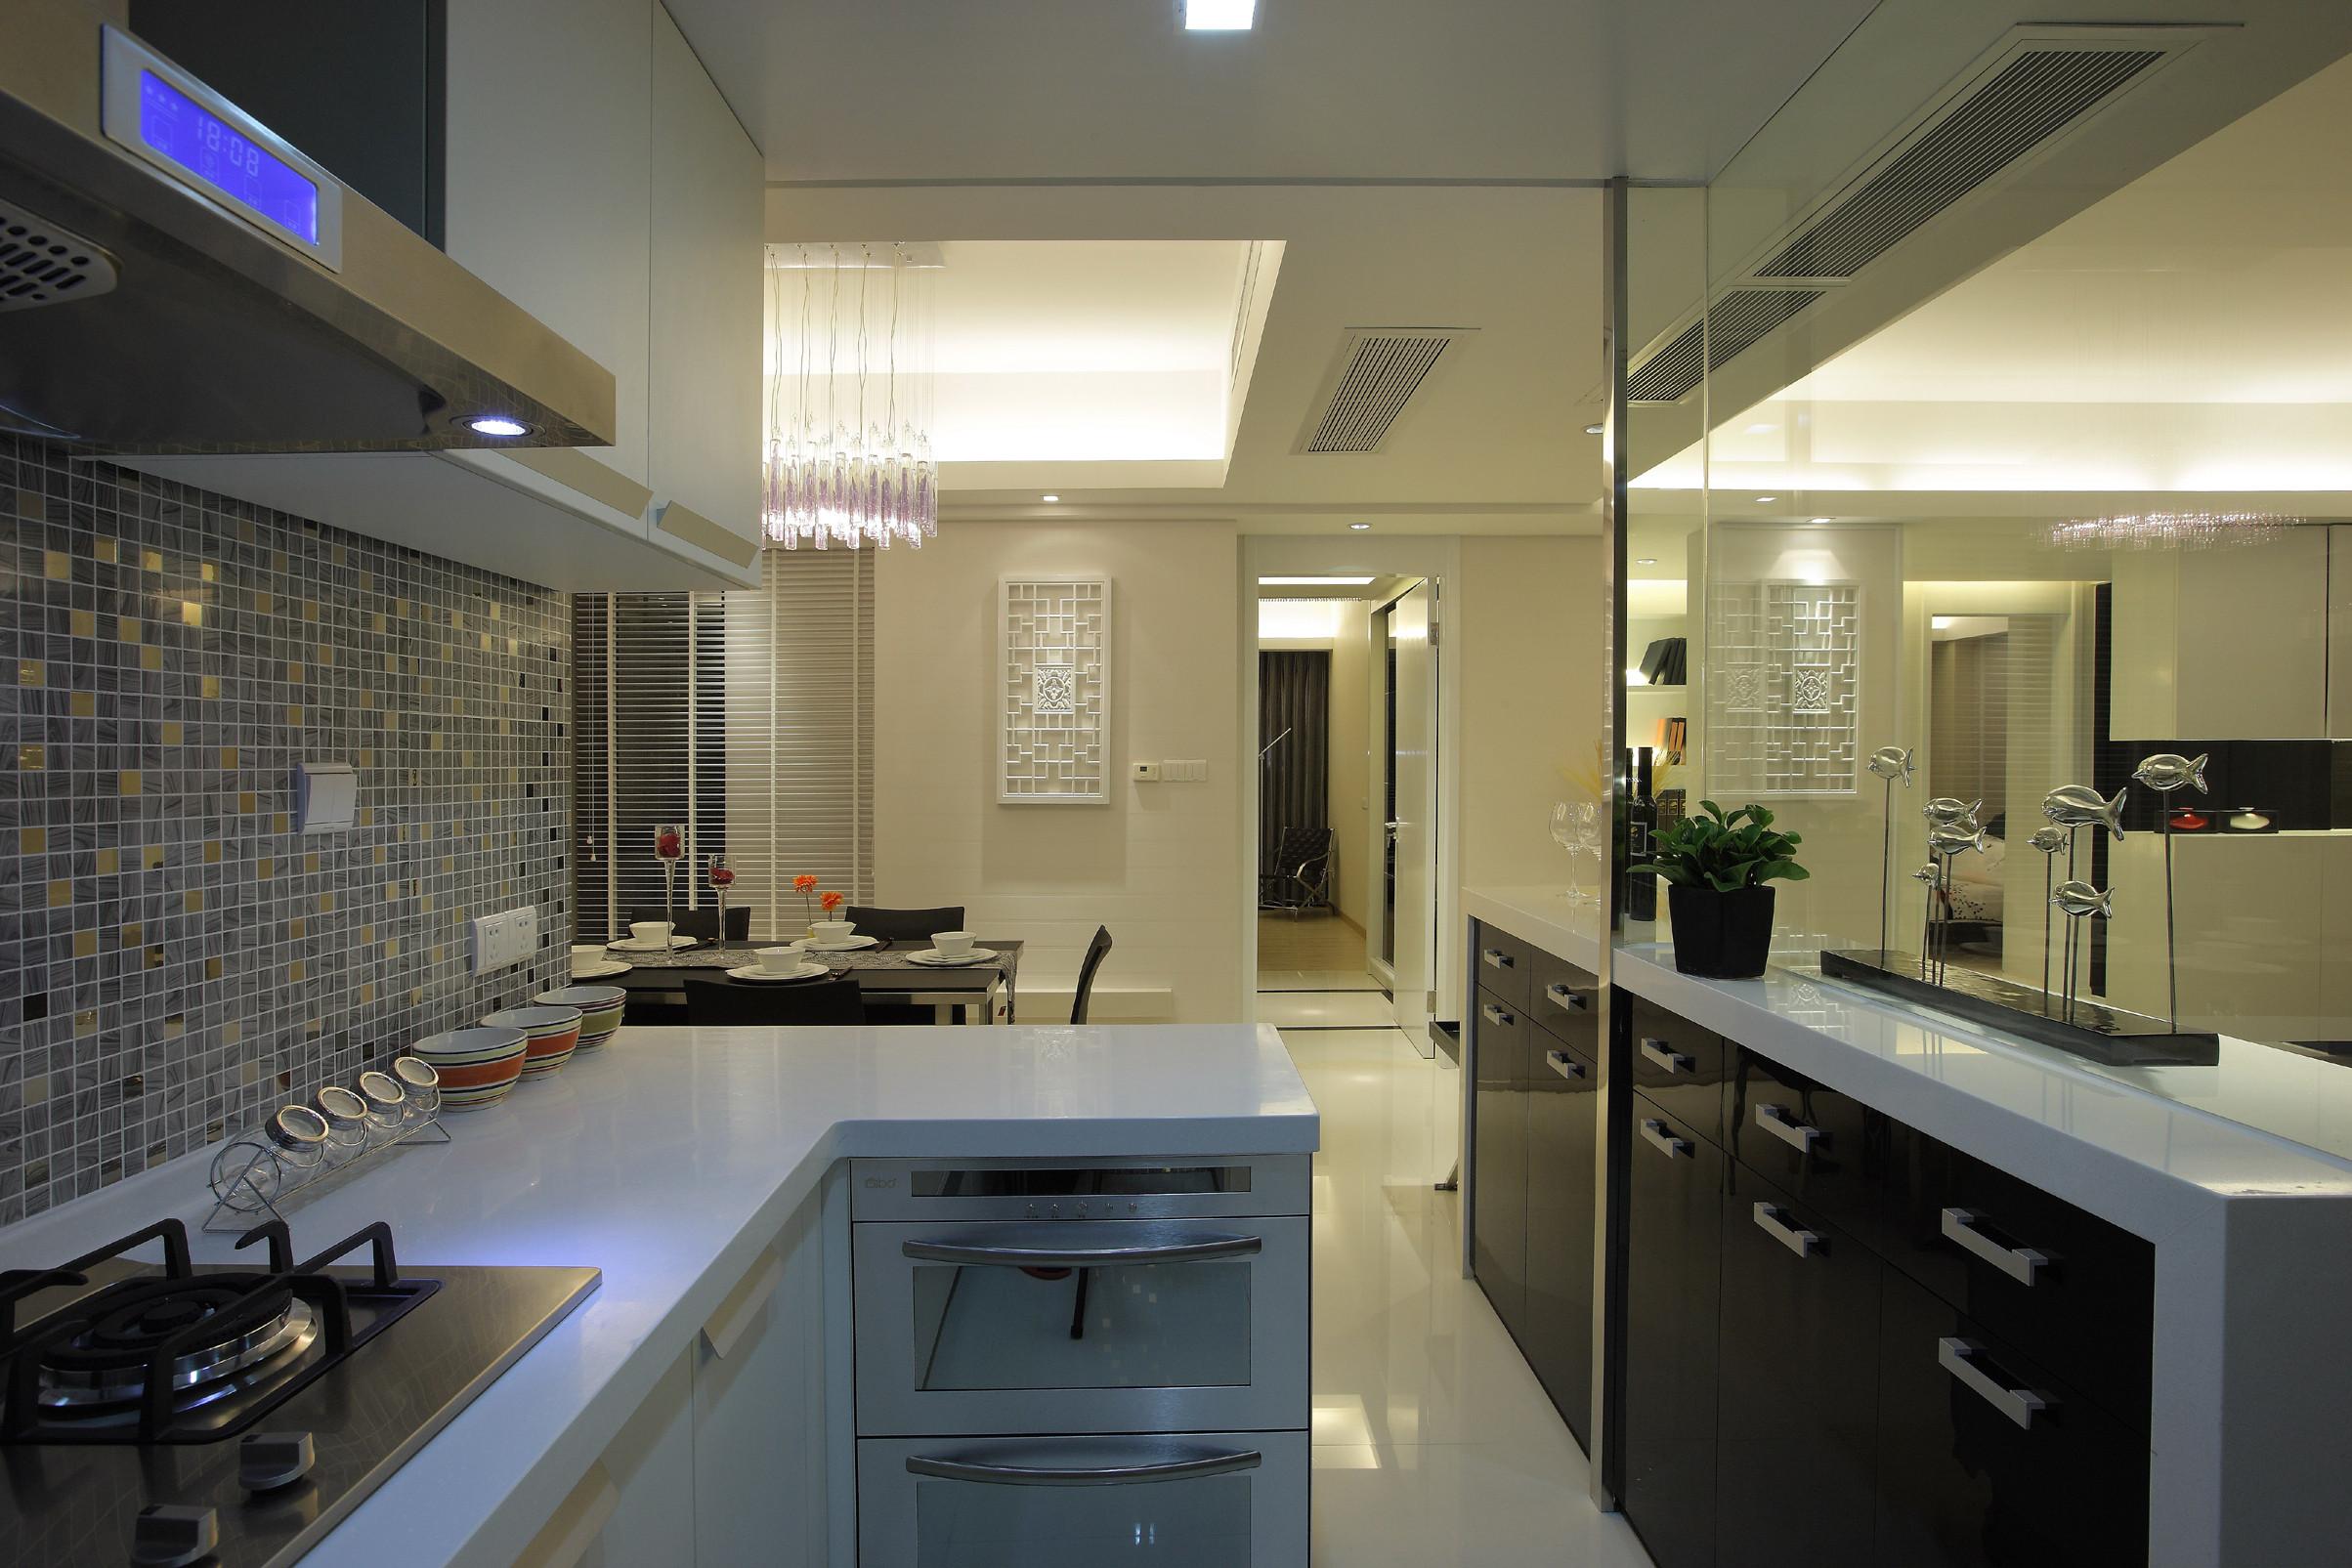 黑白灰简约二居装修厨房设计图